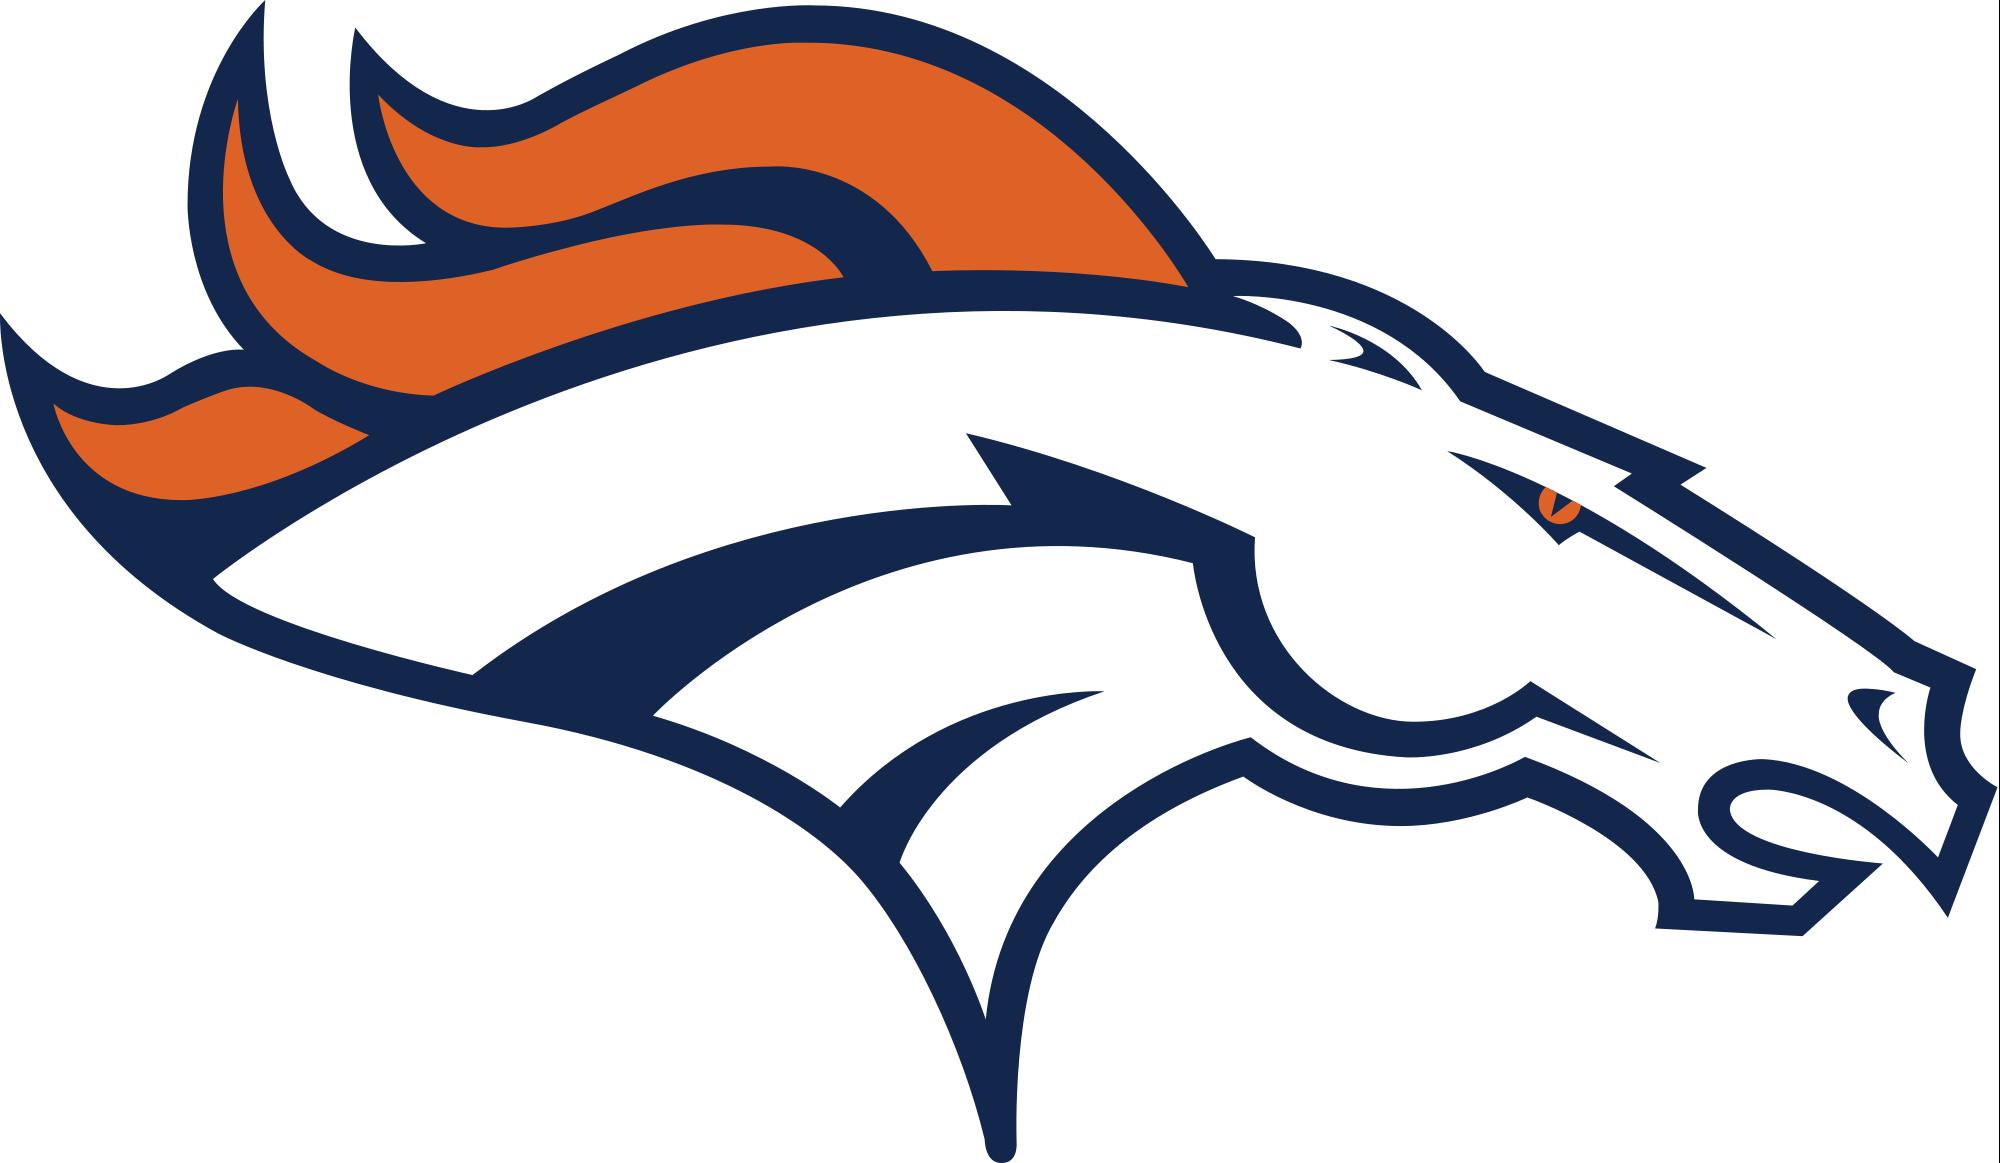 Denver Broncos Clipart & Free Denver Broncos Clipart.png.